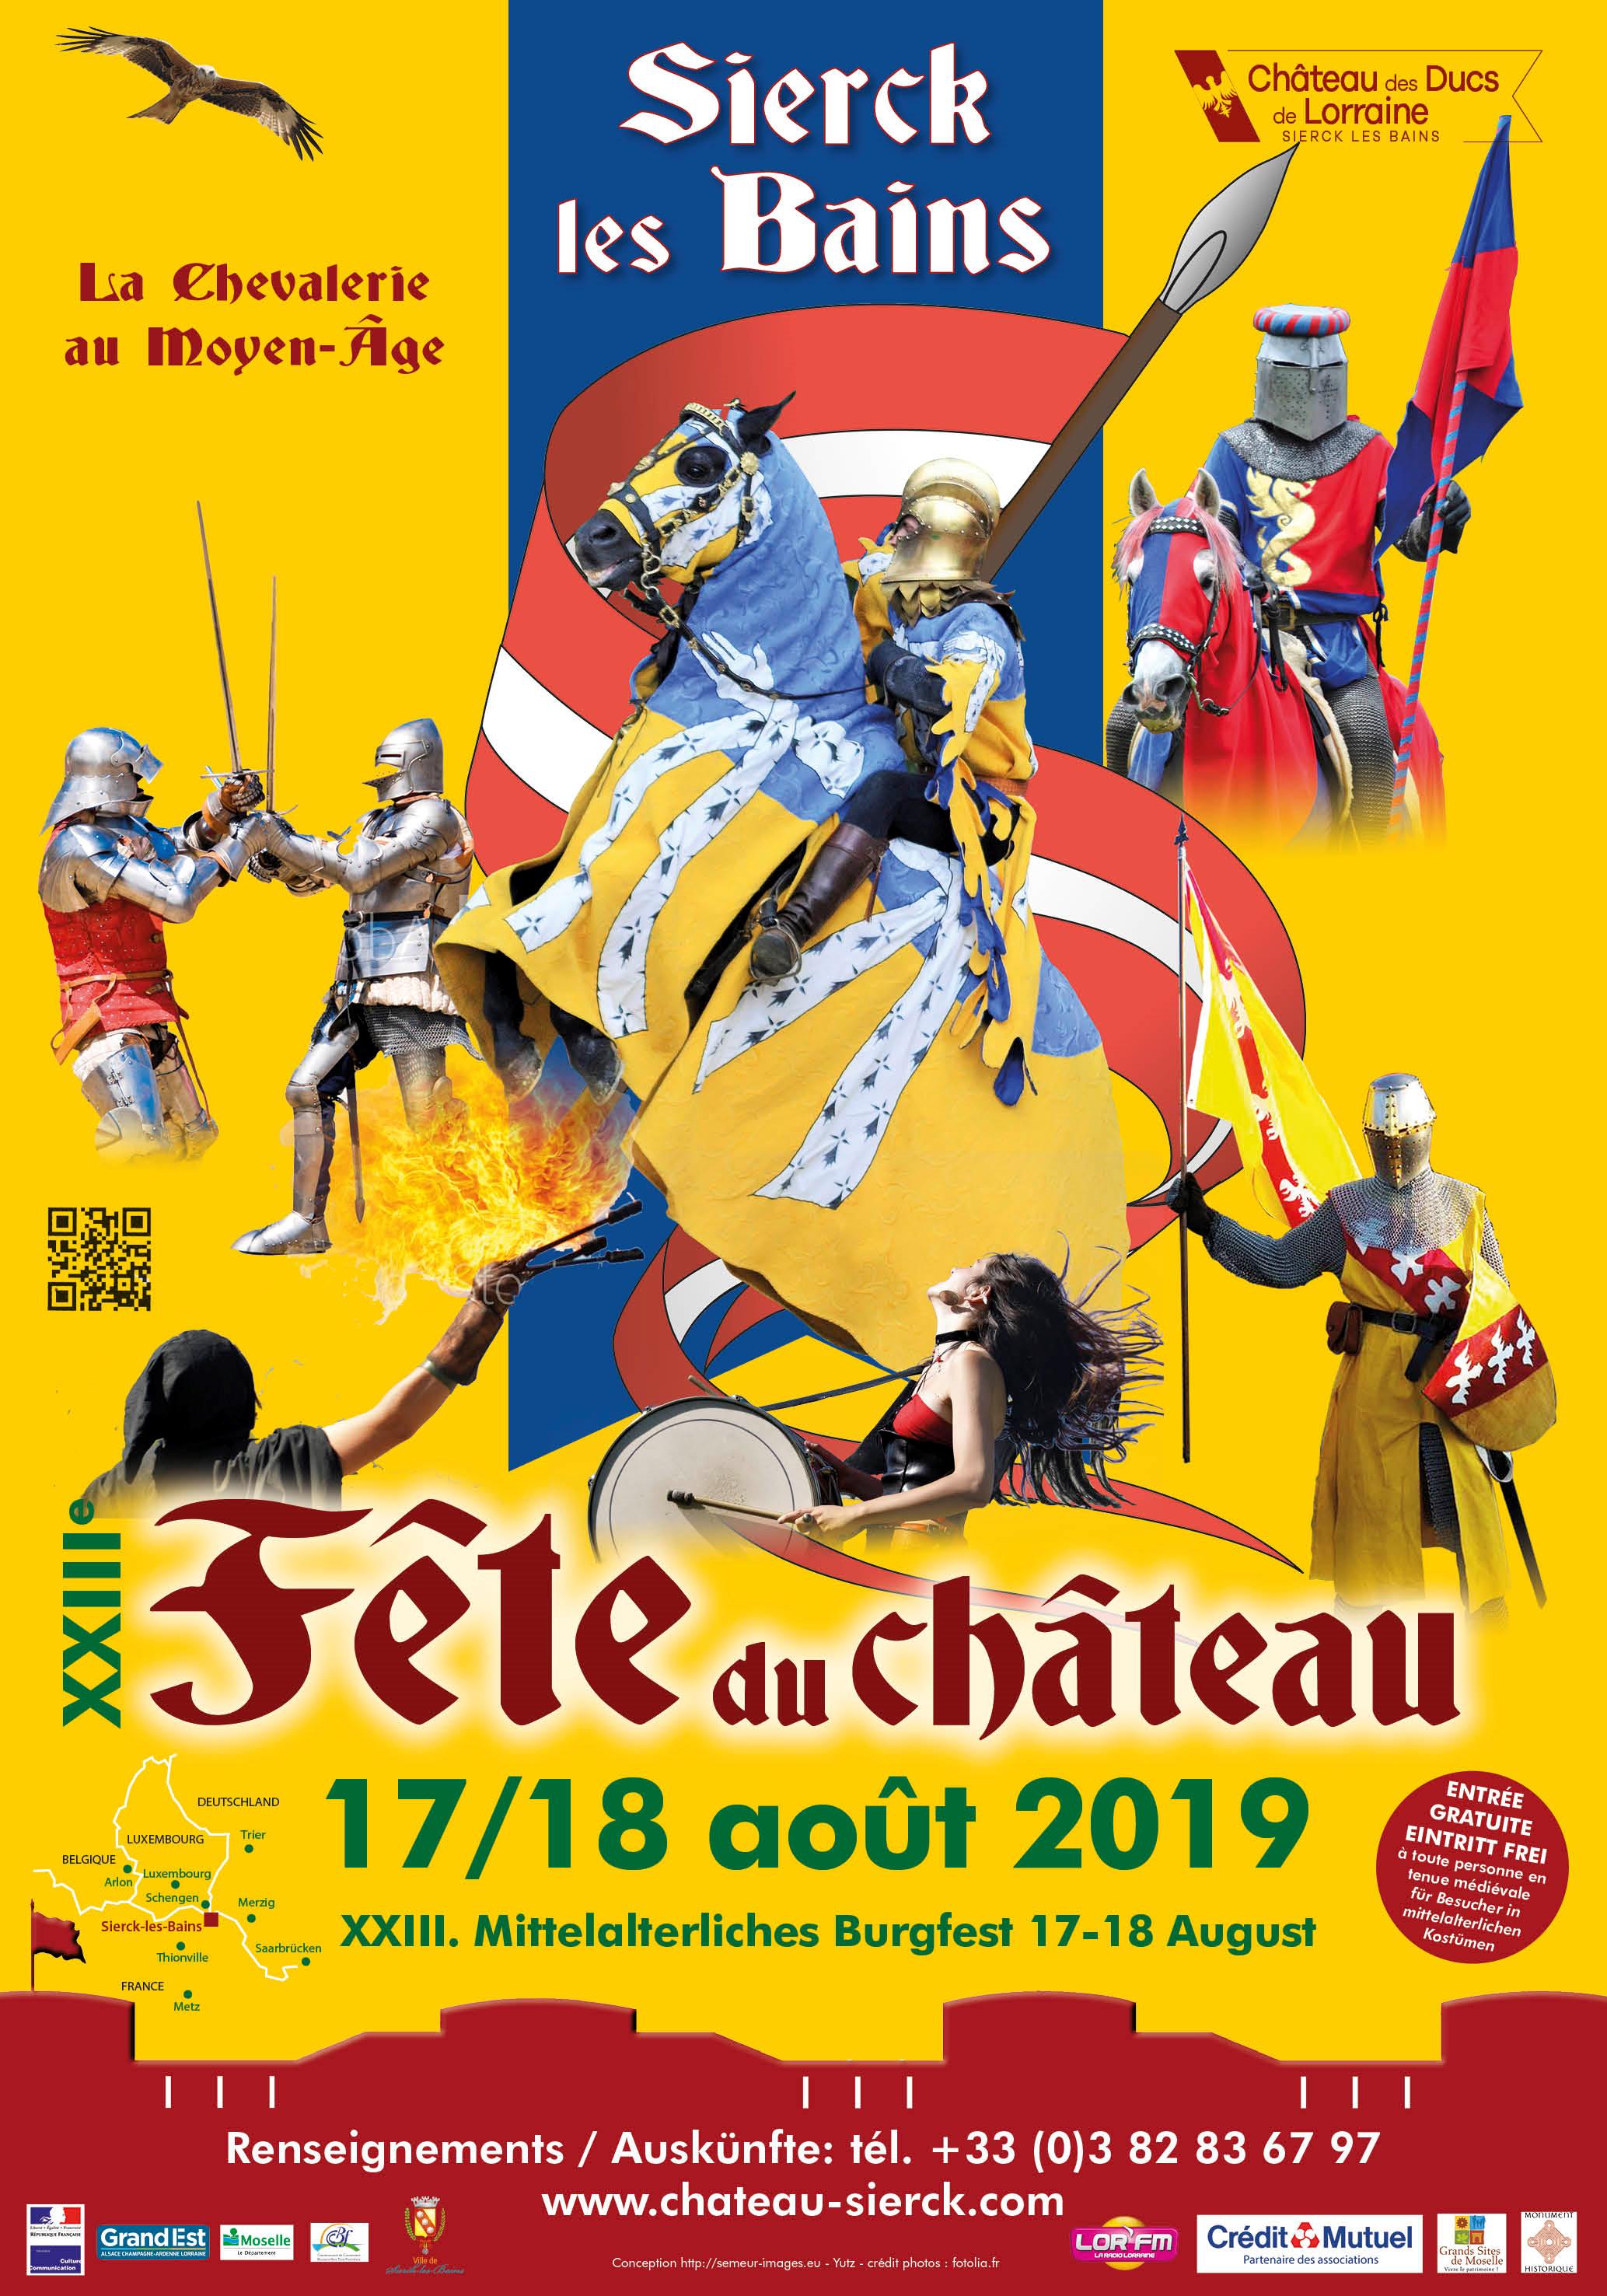 Calendrier Fete Medievale.Fete Du Chateau Chateau Des Ducs De Lorraine